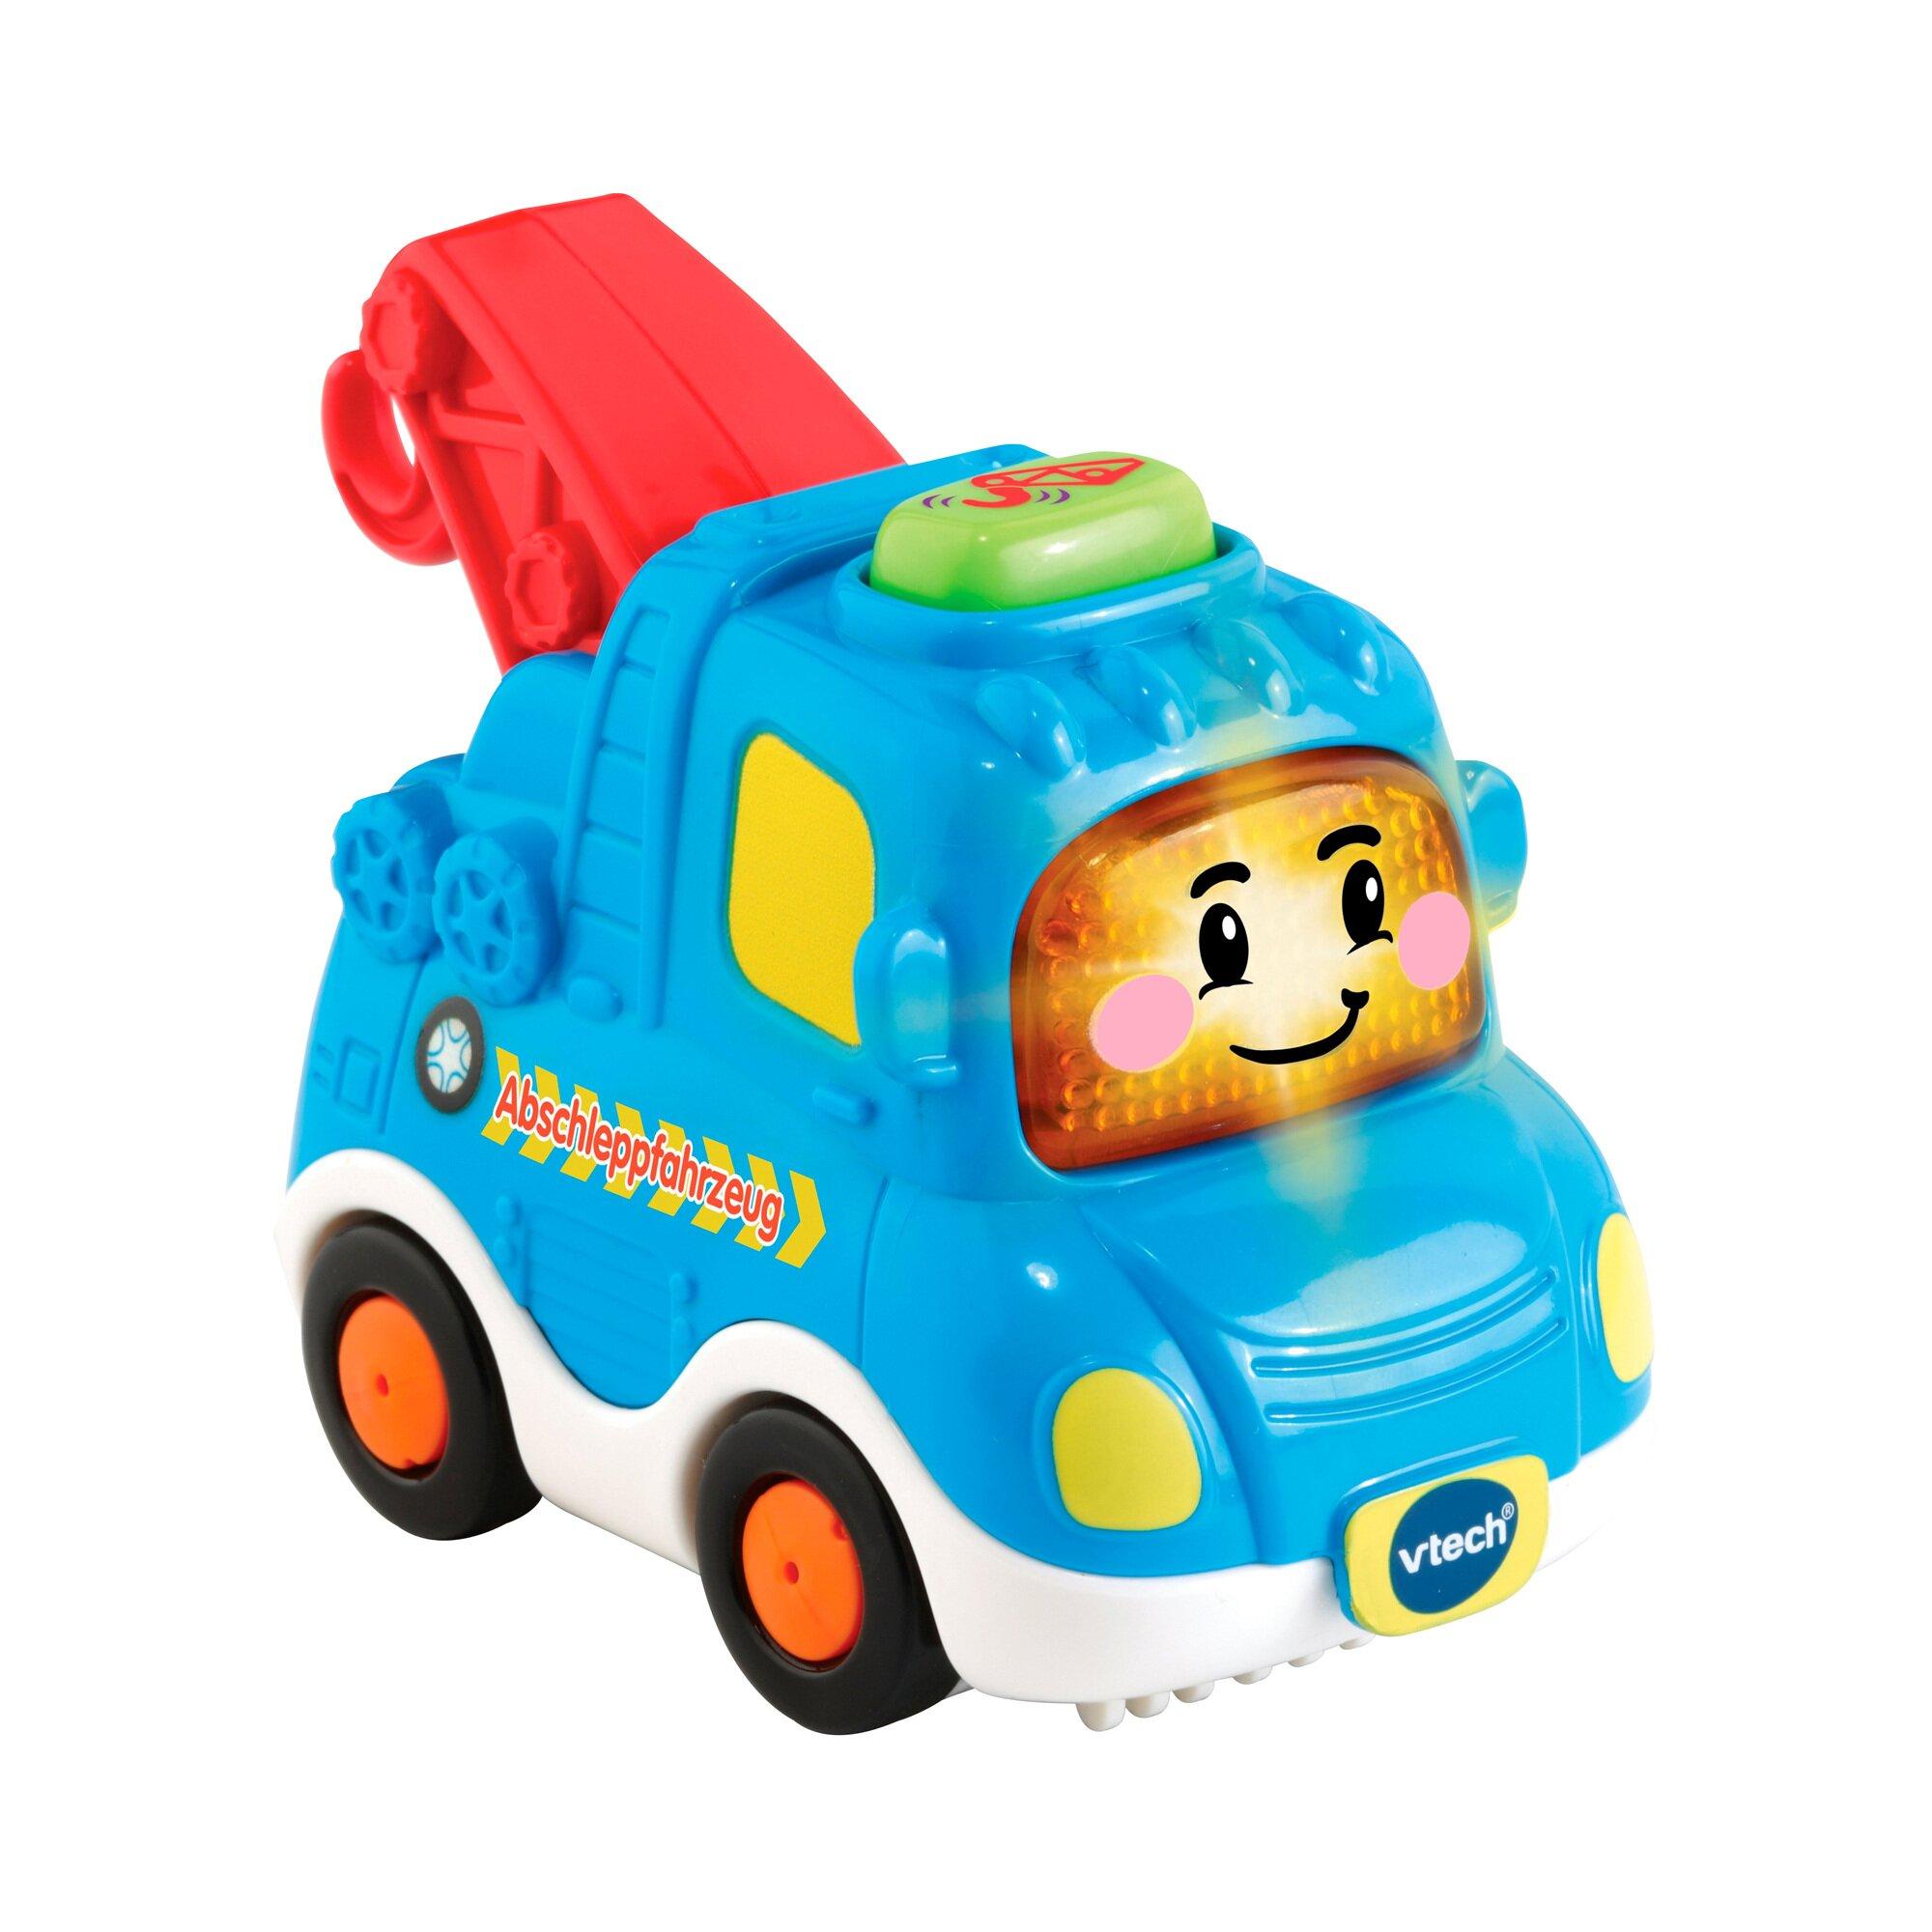 Tut Tut Baby Flitzer Abschleppfahrzeug